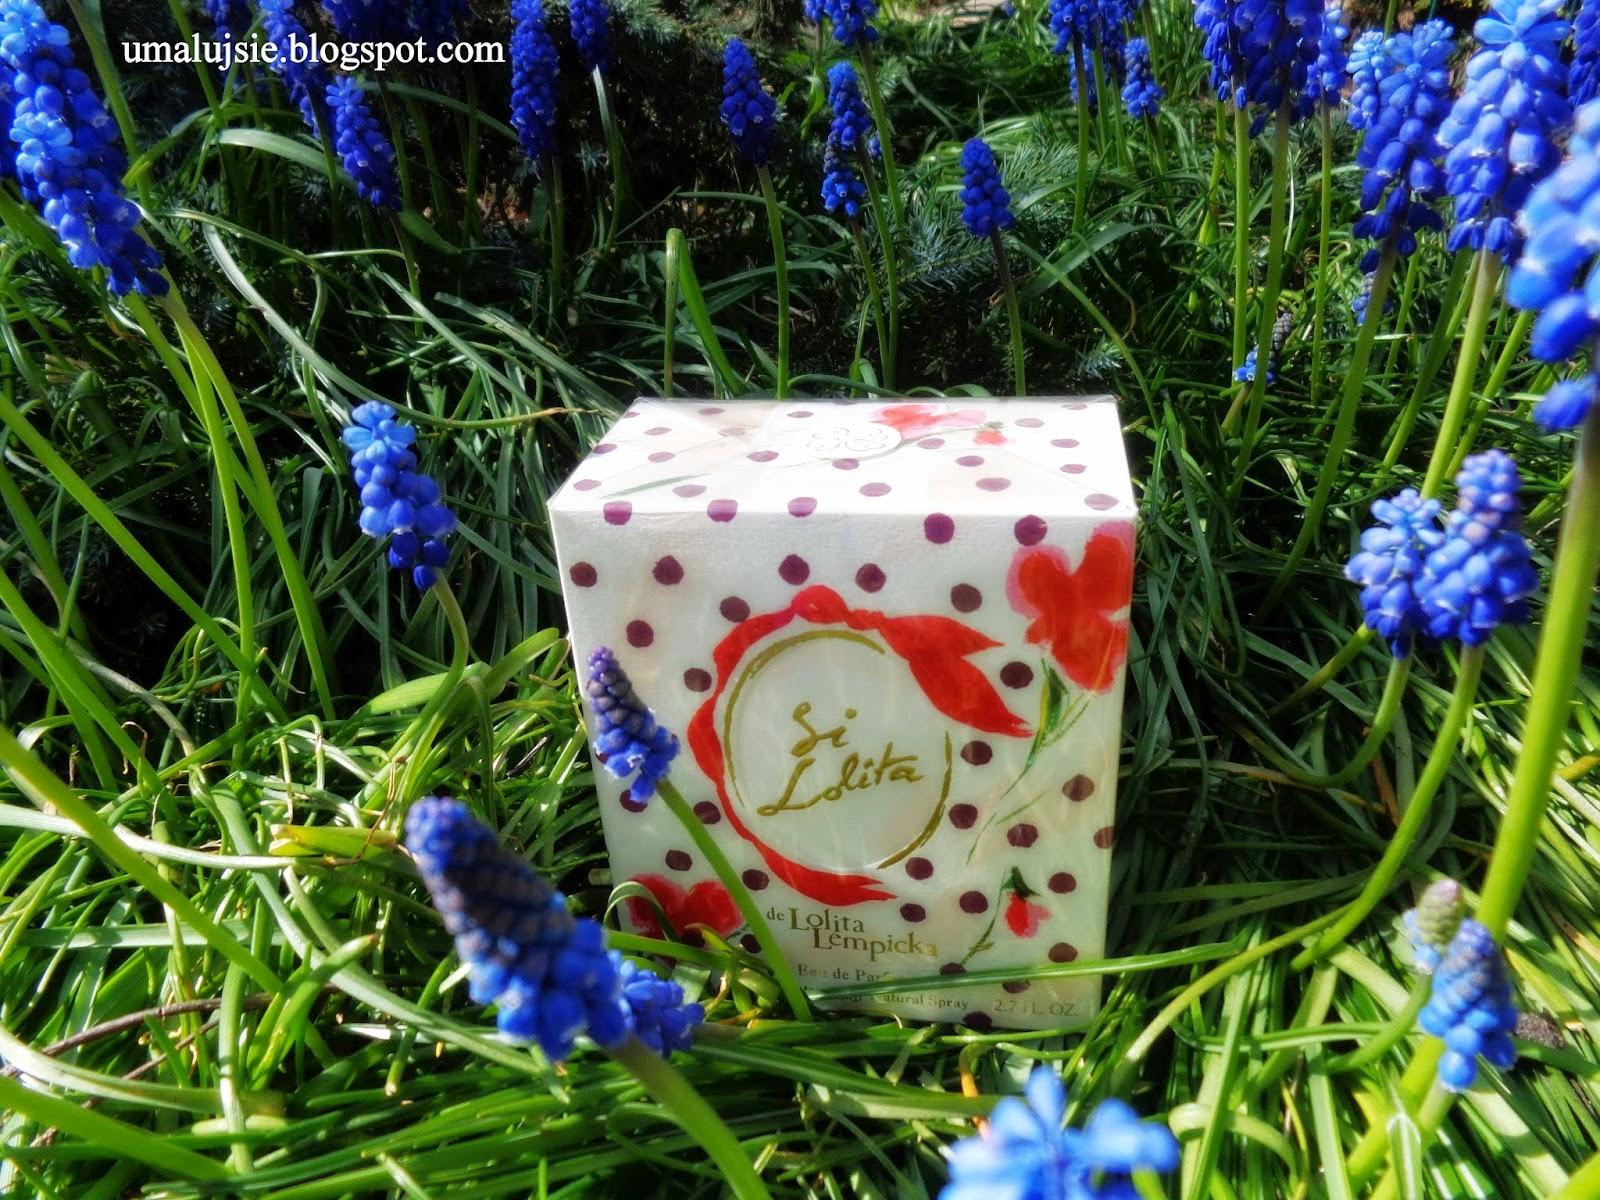 Ładne perfumy na wiosnę :)